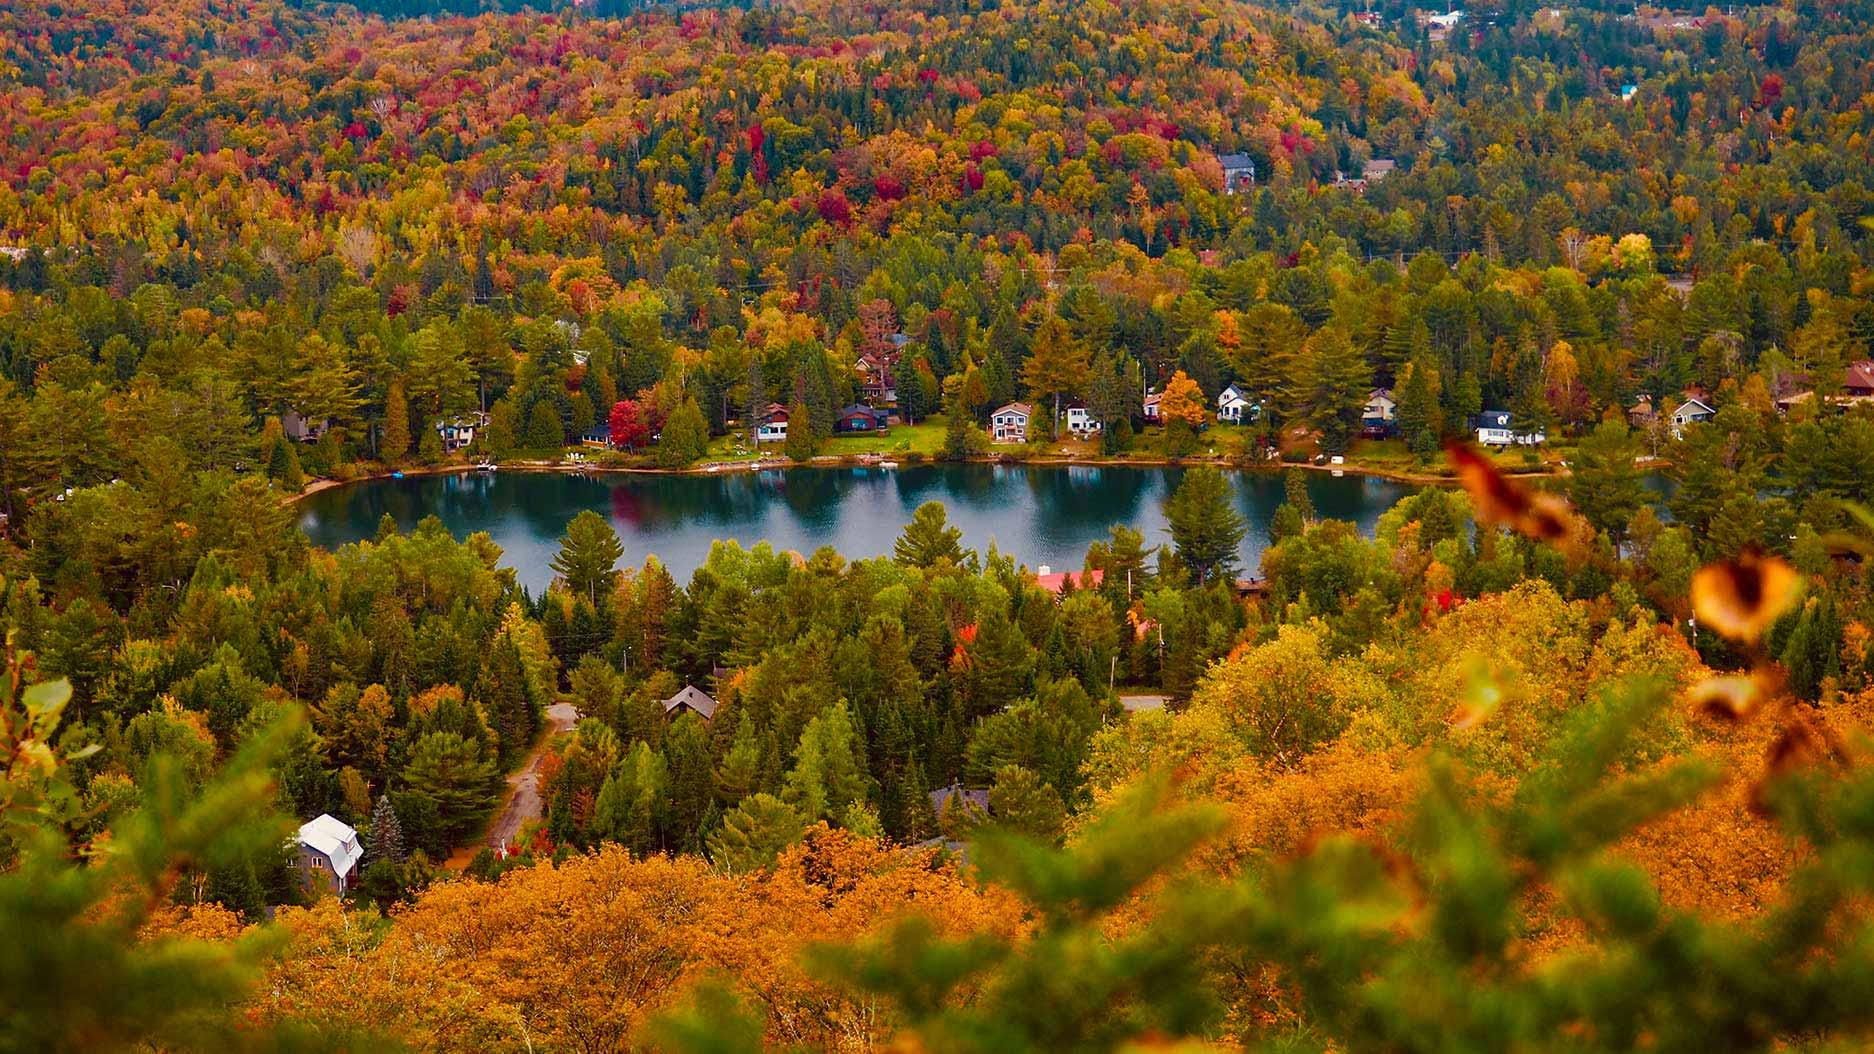 lac au milieu de la foret à l'automne au quebec